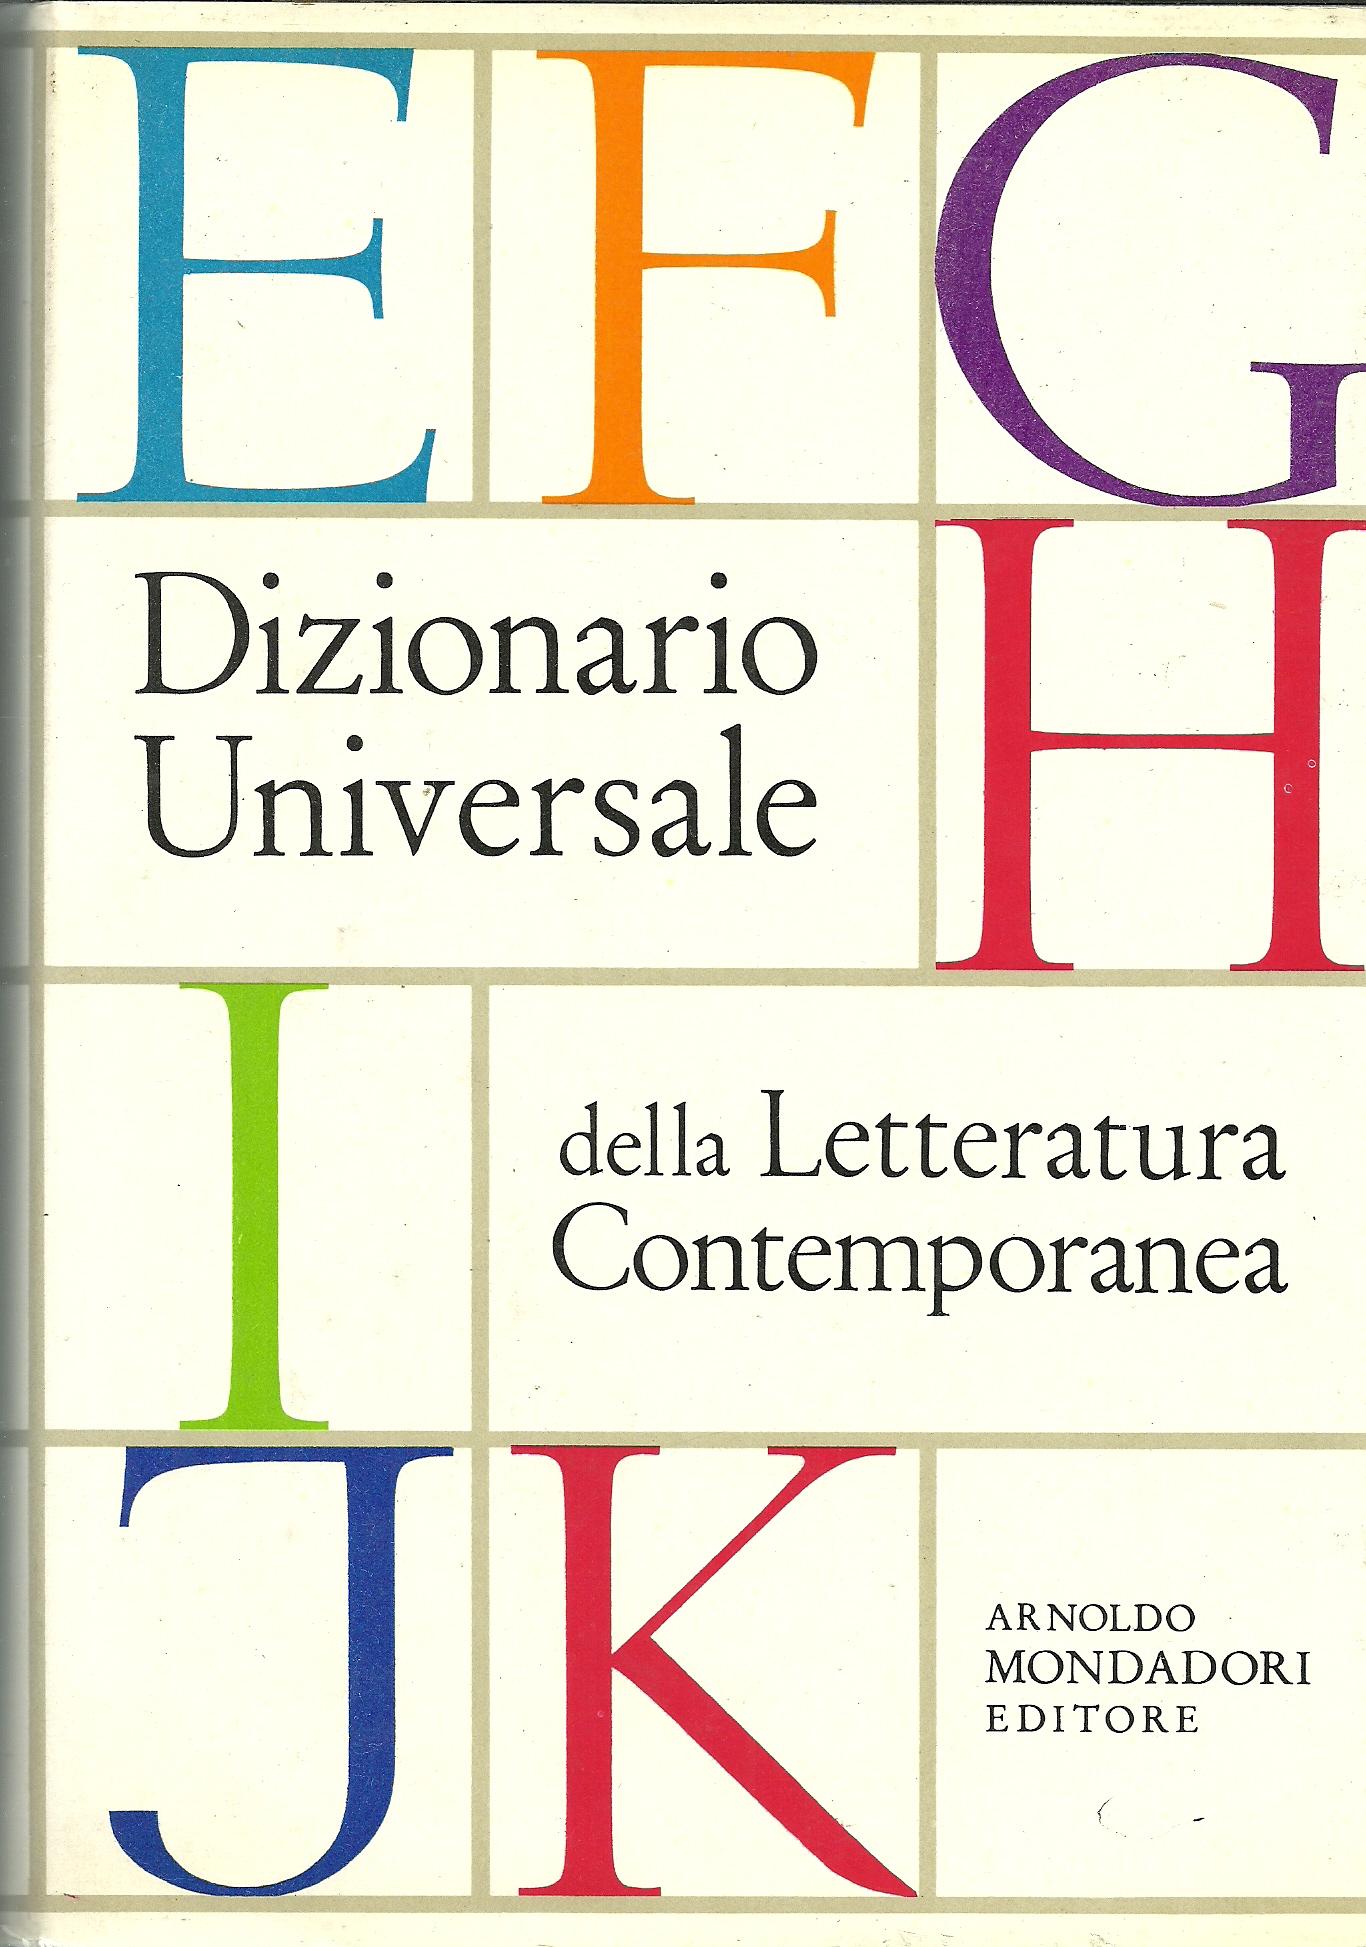 Dizionario universale della letturatura contemporanea vol. 2